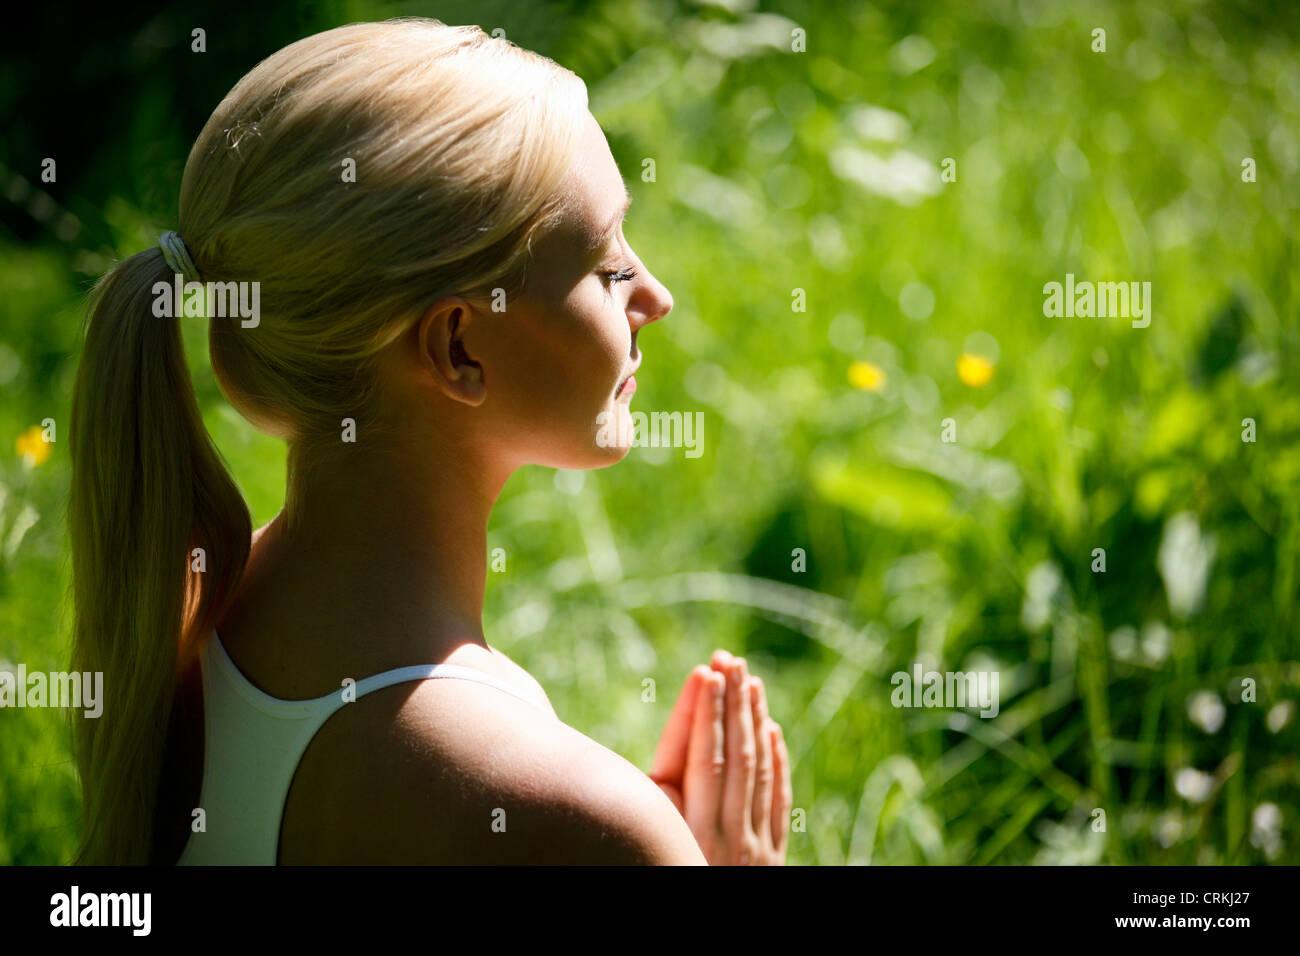 Eine junge Frau Yoga zu praktizieren, die Hände im Gebet position Stockbild